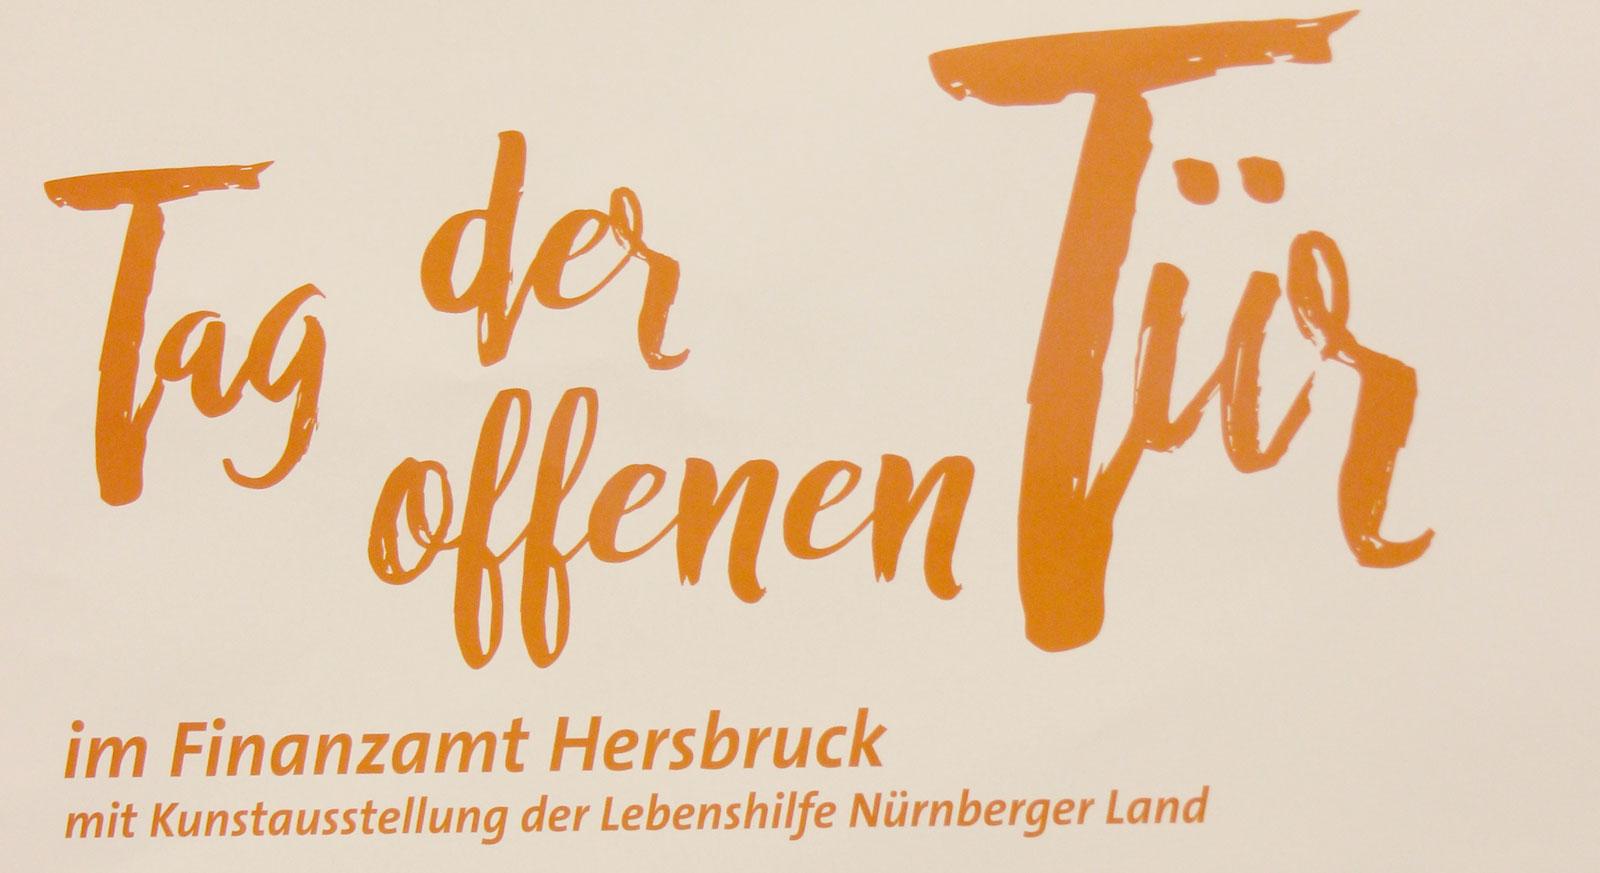 6.5.2017: Finanzamt Hersbruck lädt zum Tag der offenen Tür mit Kunstaustellung